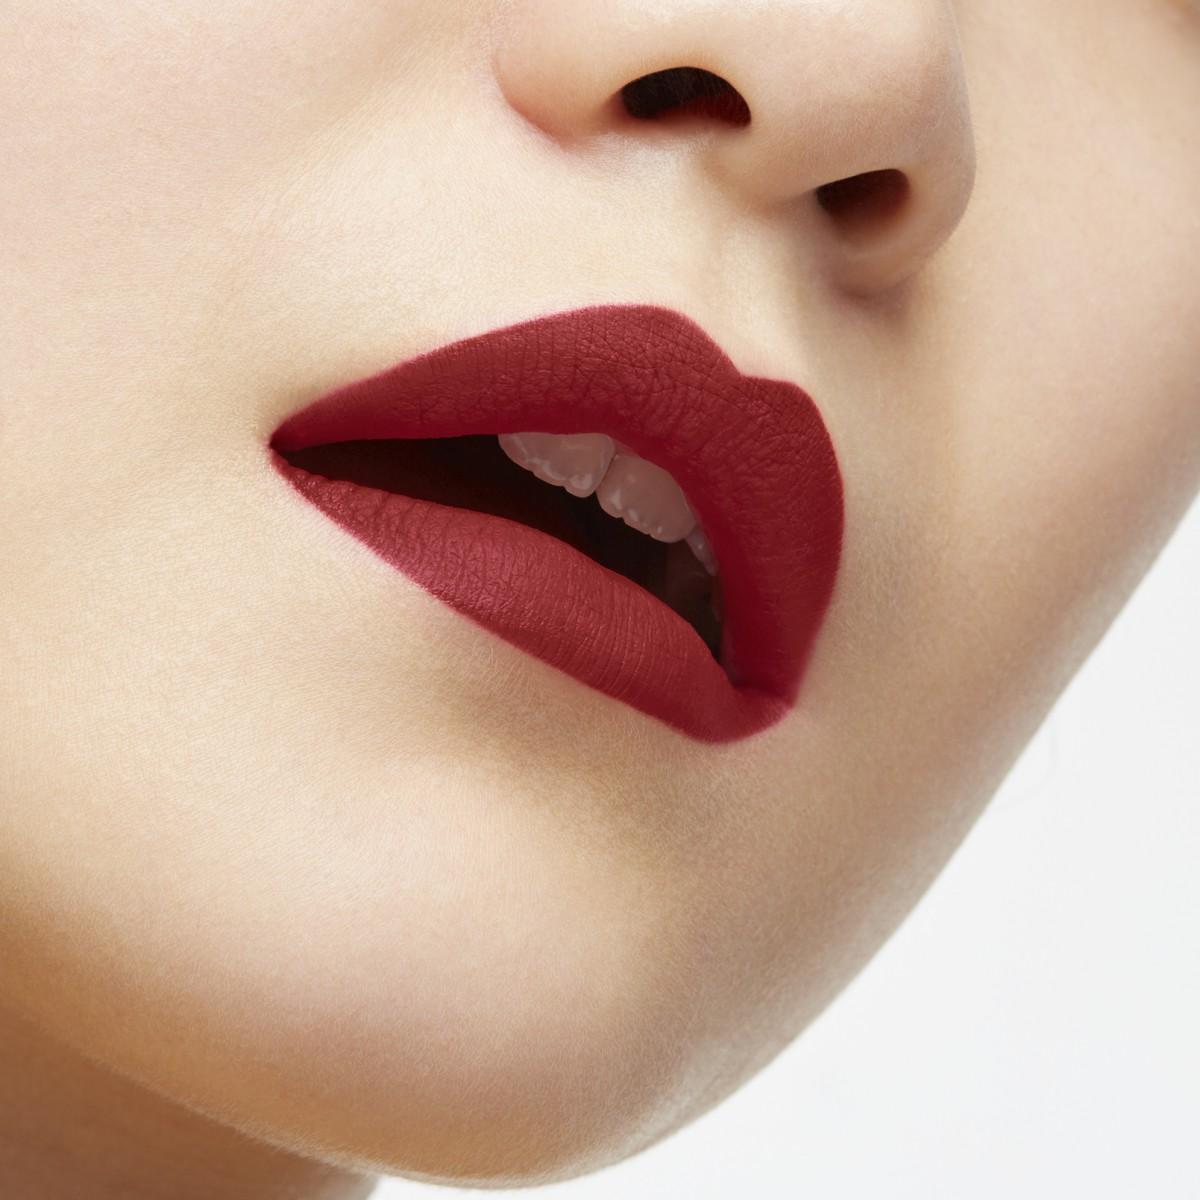 Beauty - Justine Velvet Matte - Christian Louboutin